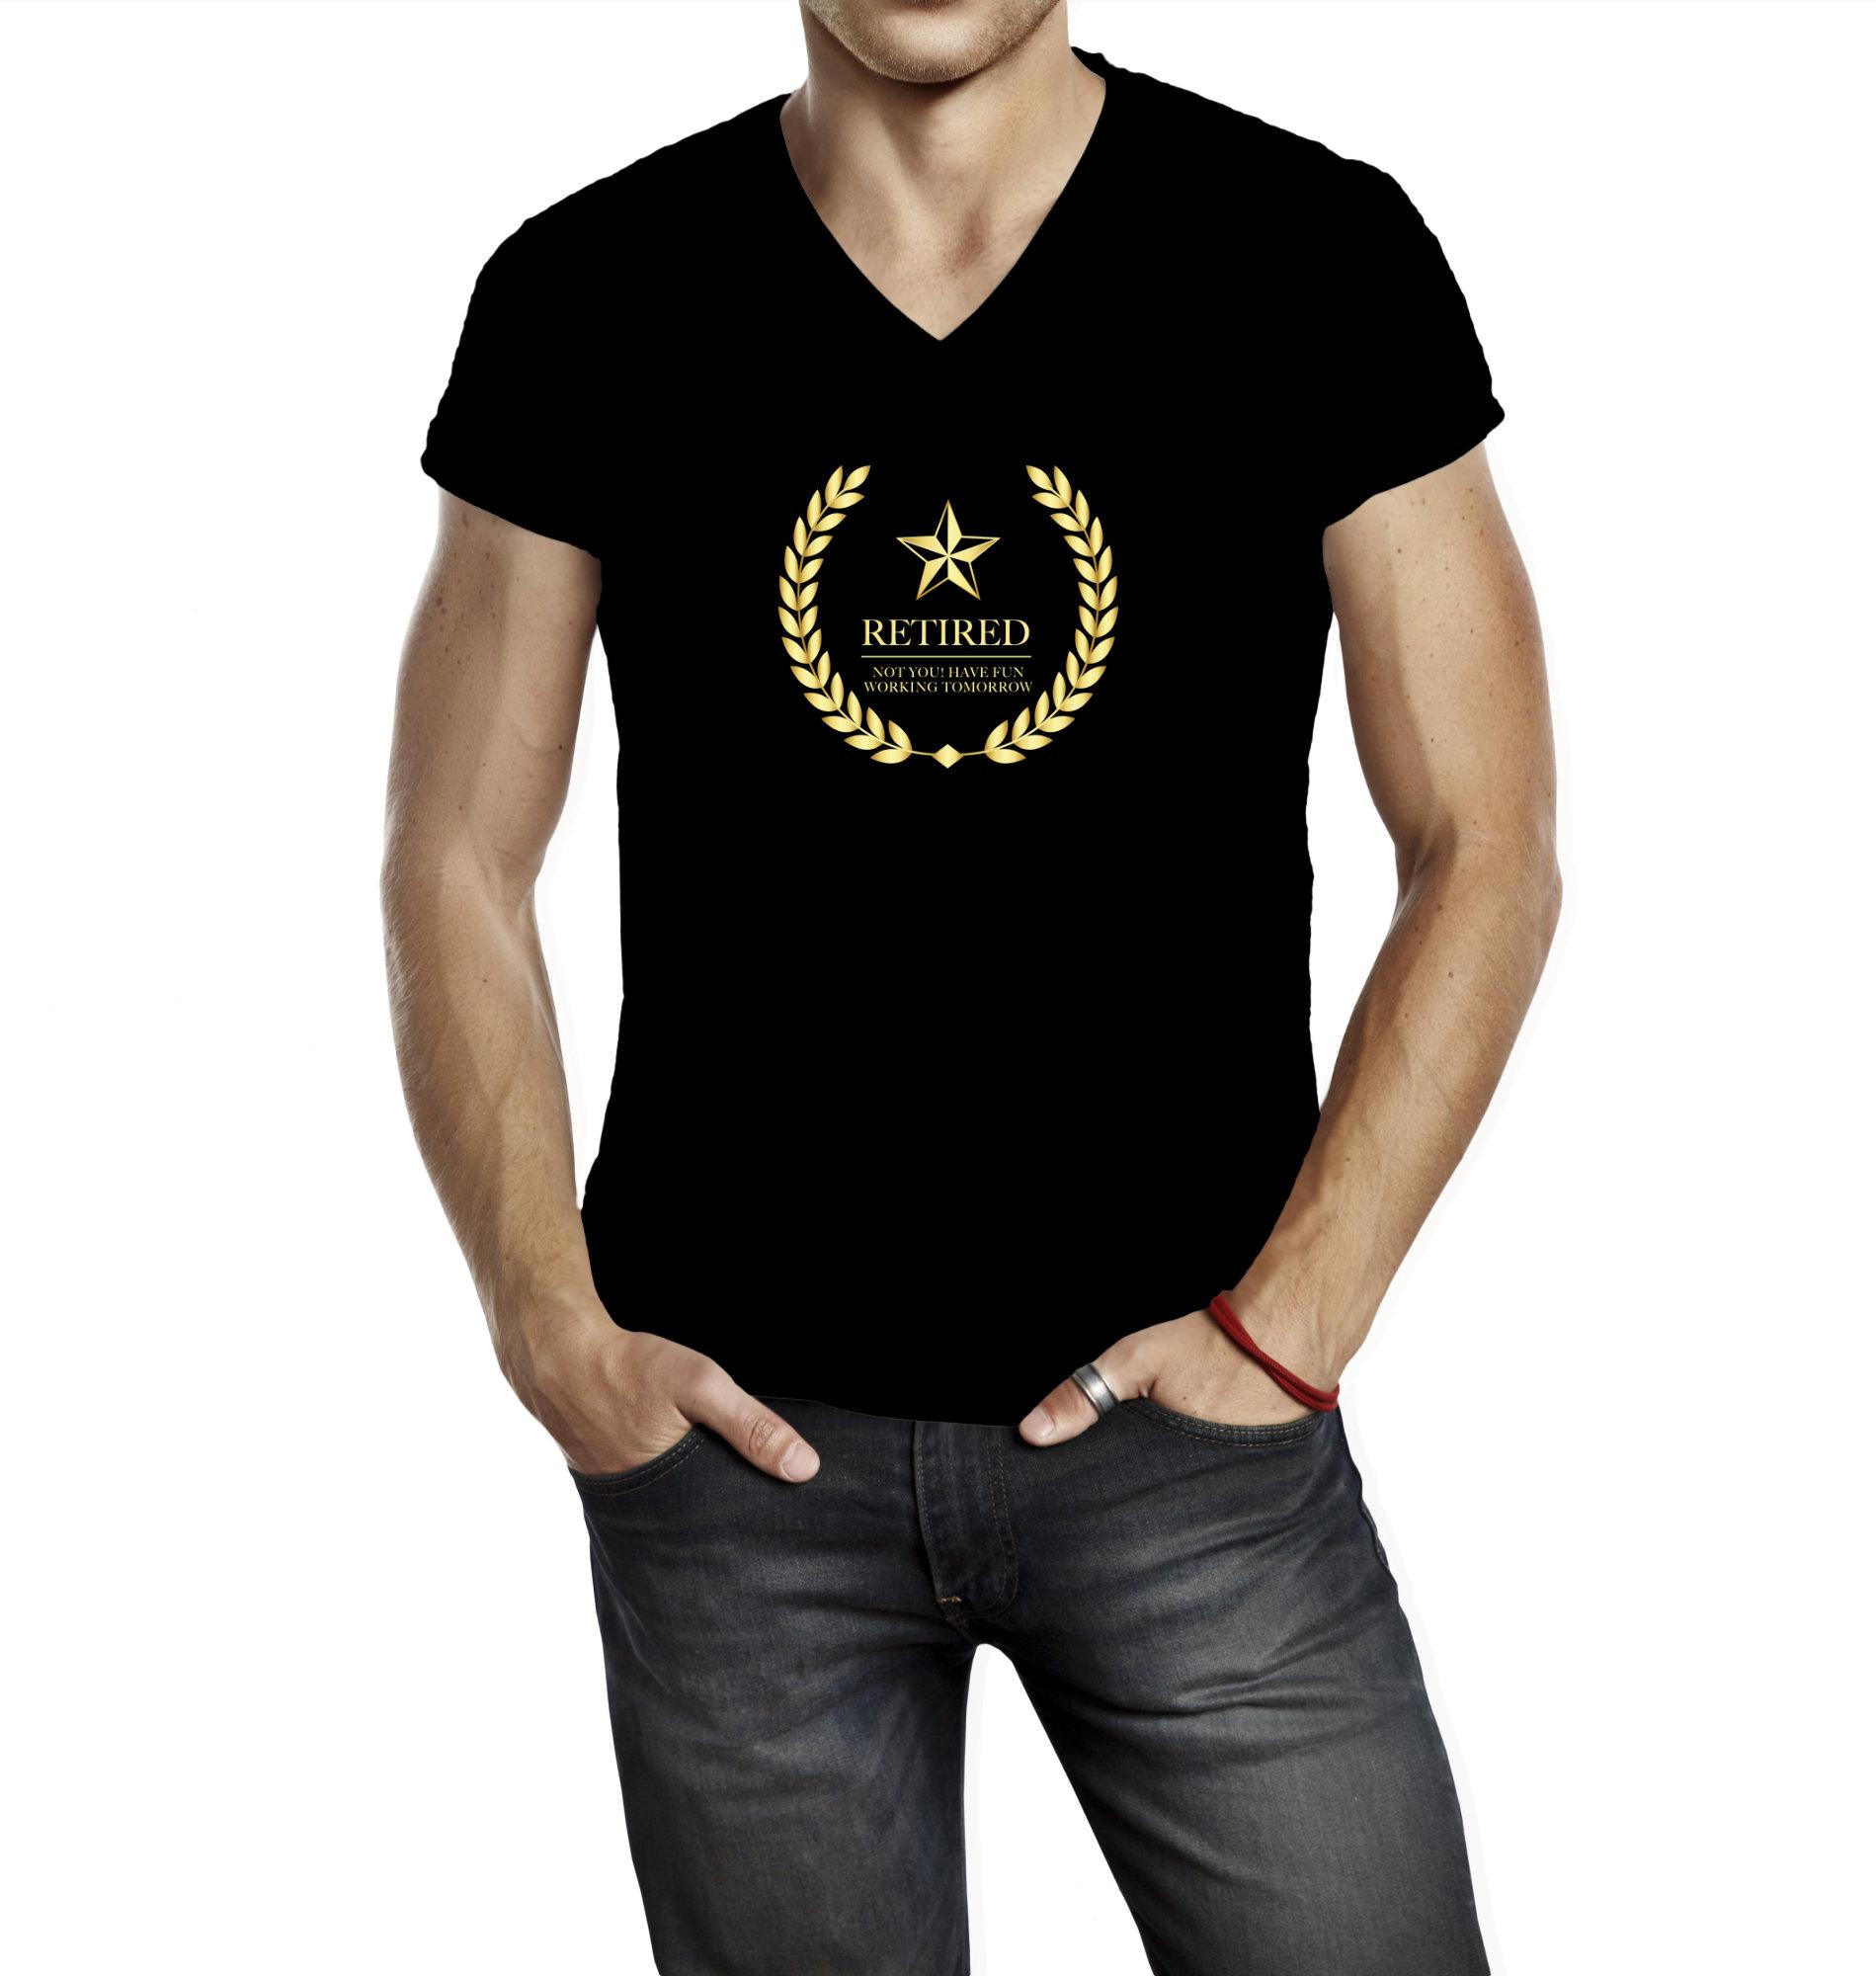 Rentner Shirt Retired Not you